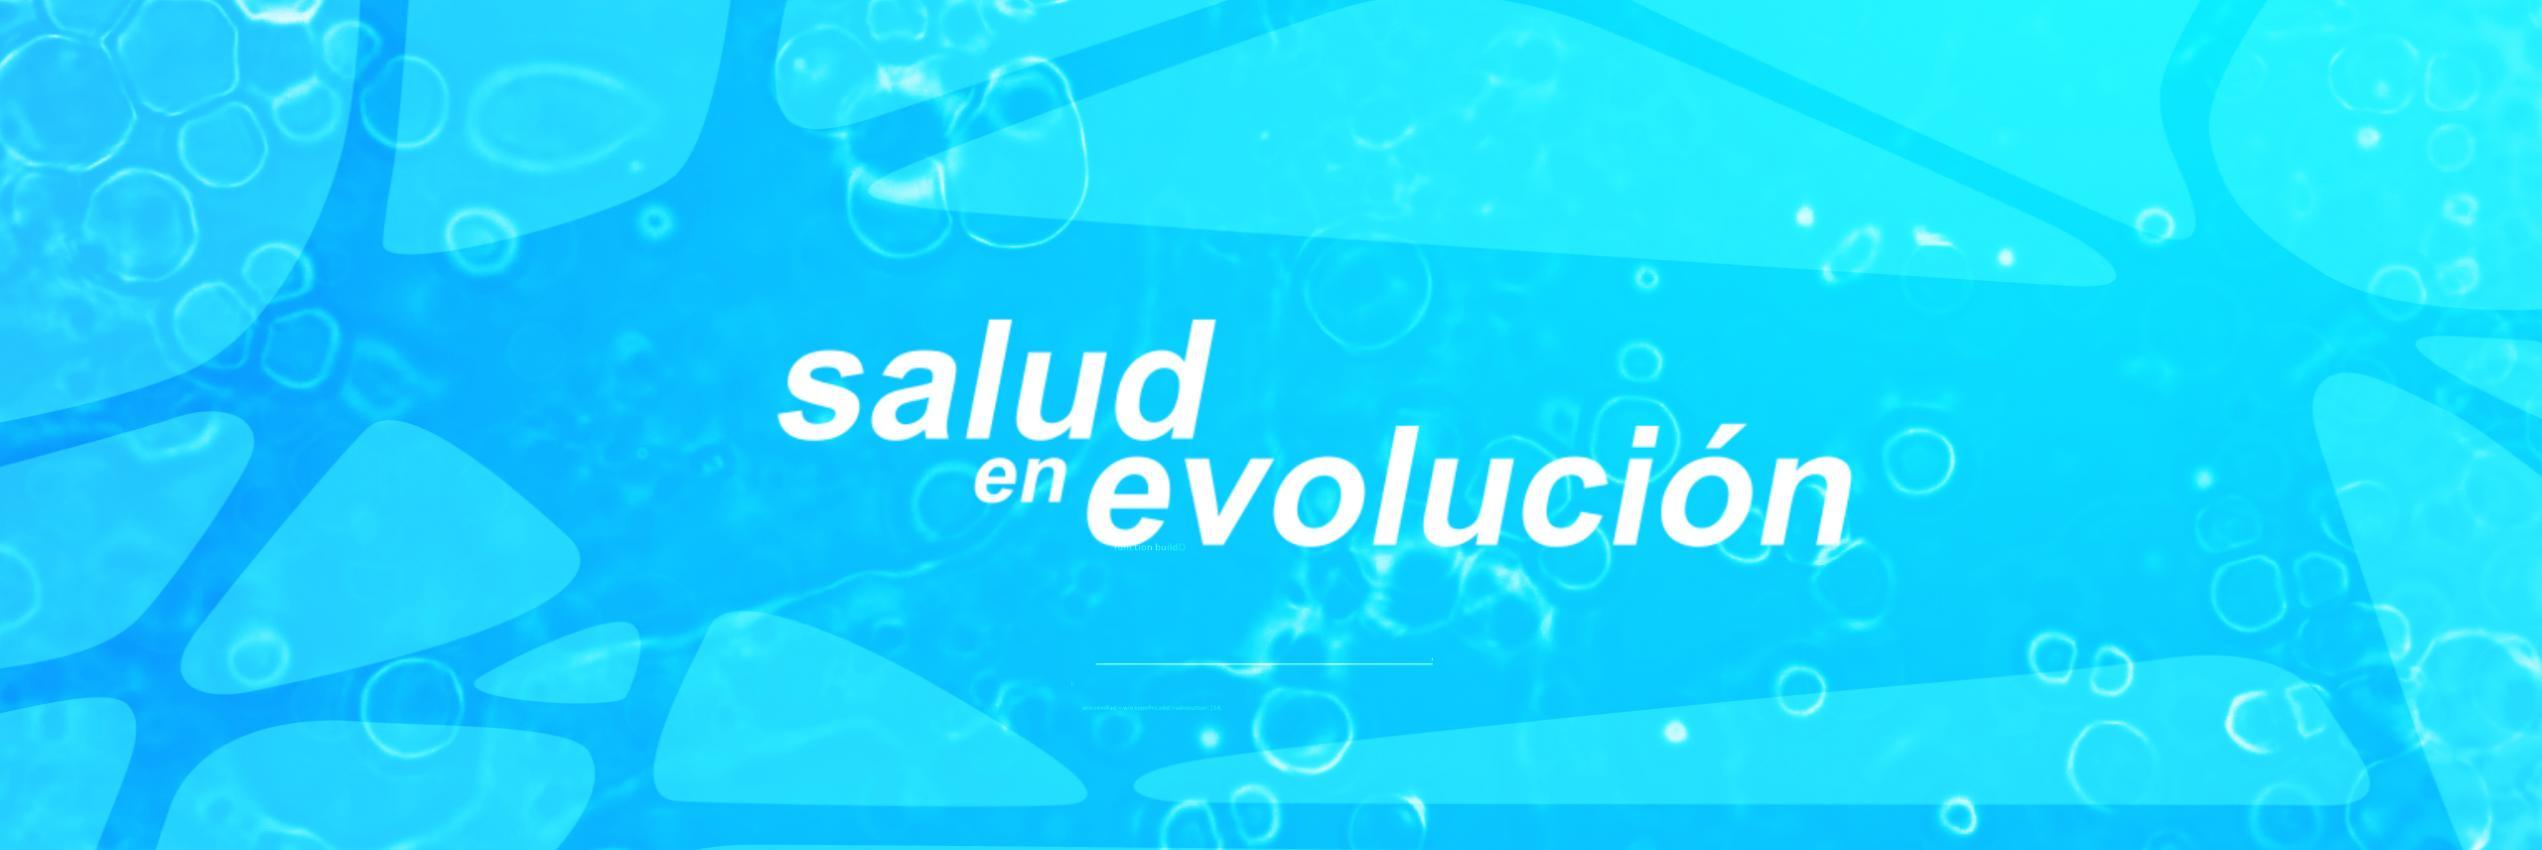 salud_en_evolucion